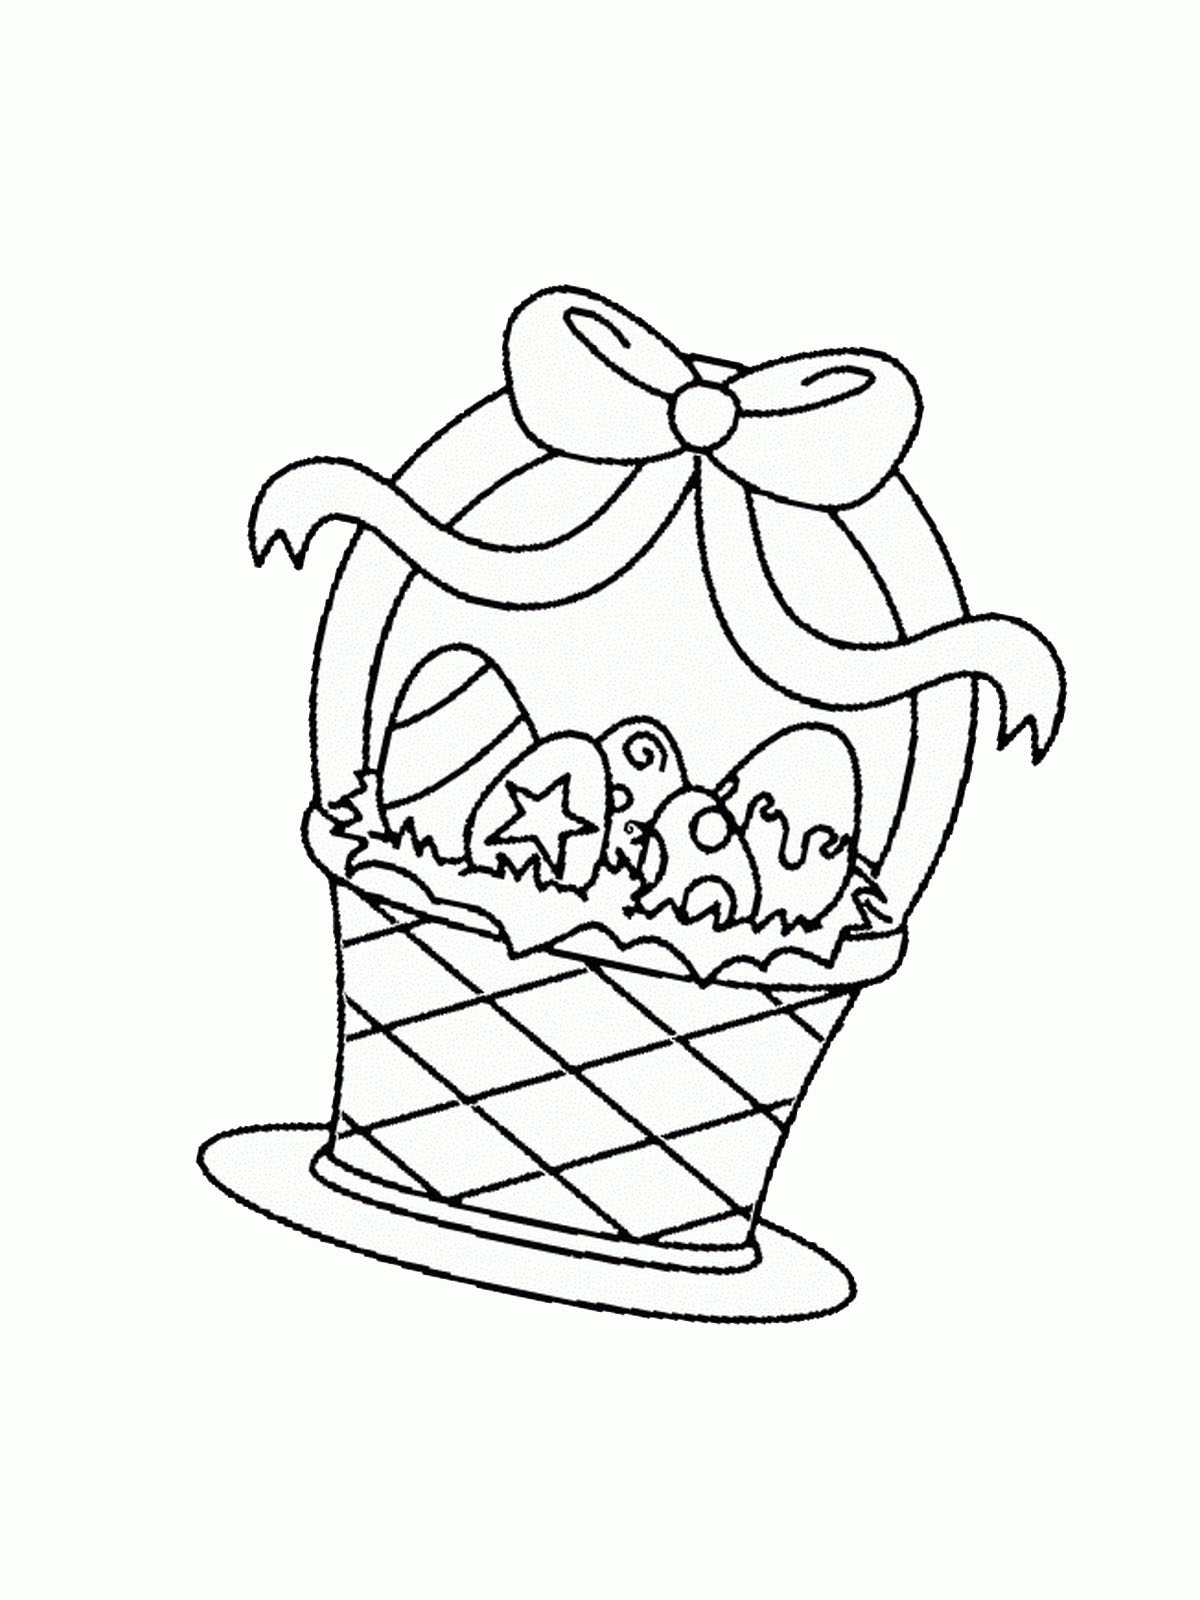 Ausmalbilder Malvorlagen von Ostern kostenlos zum